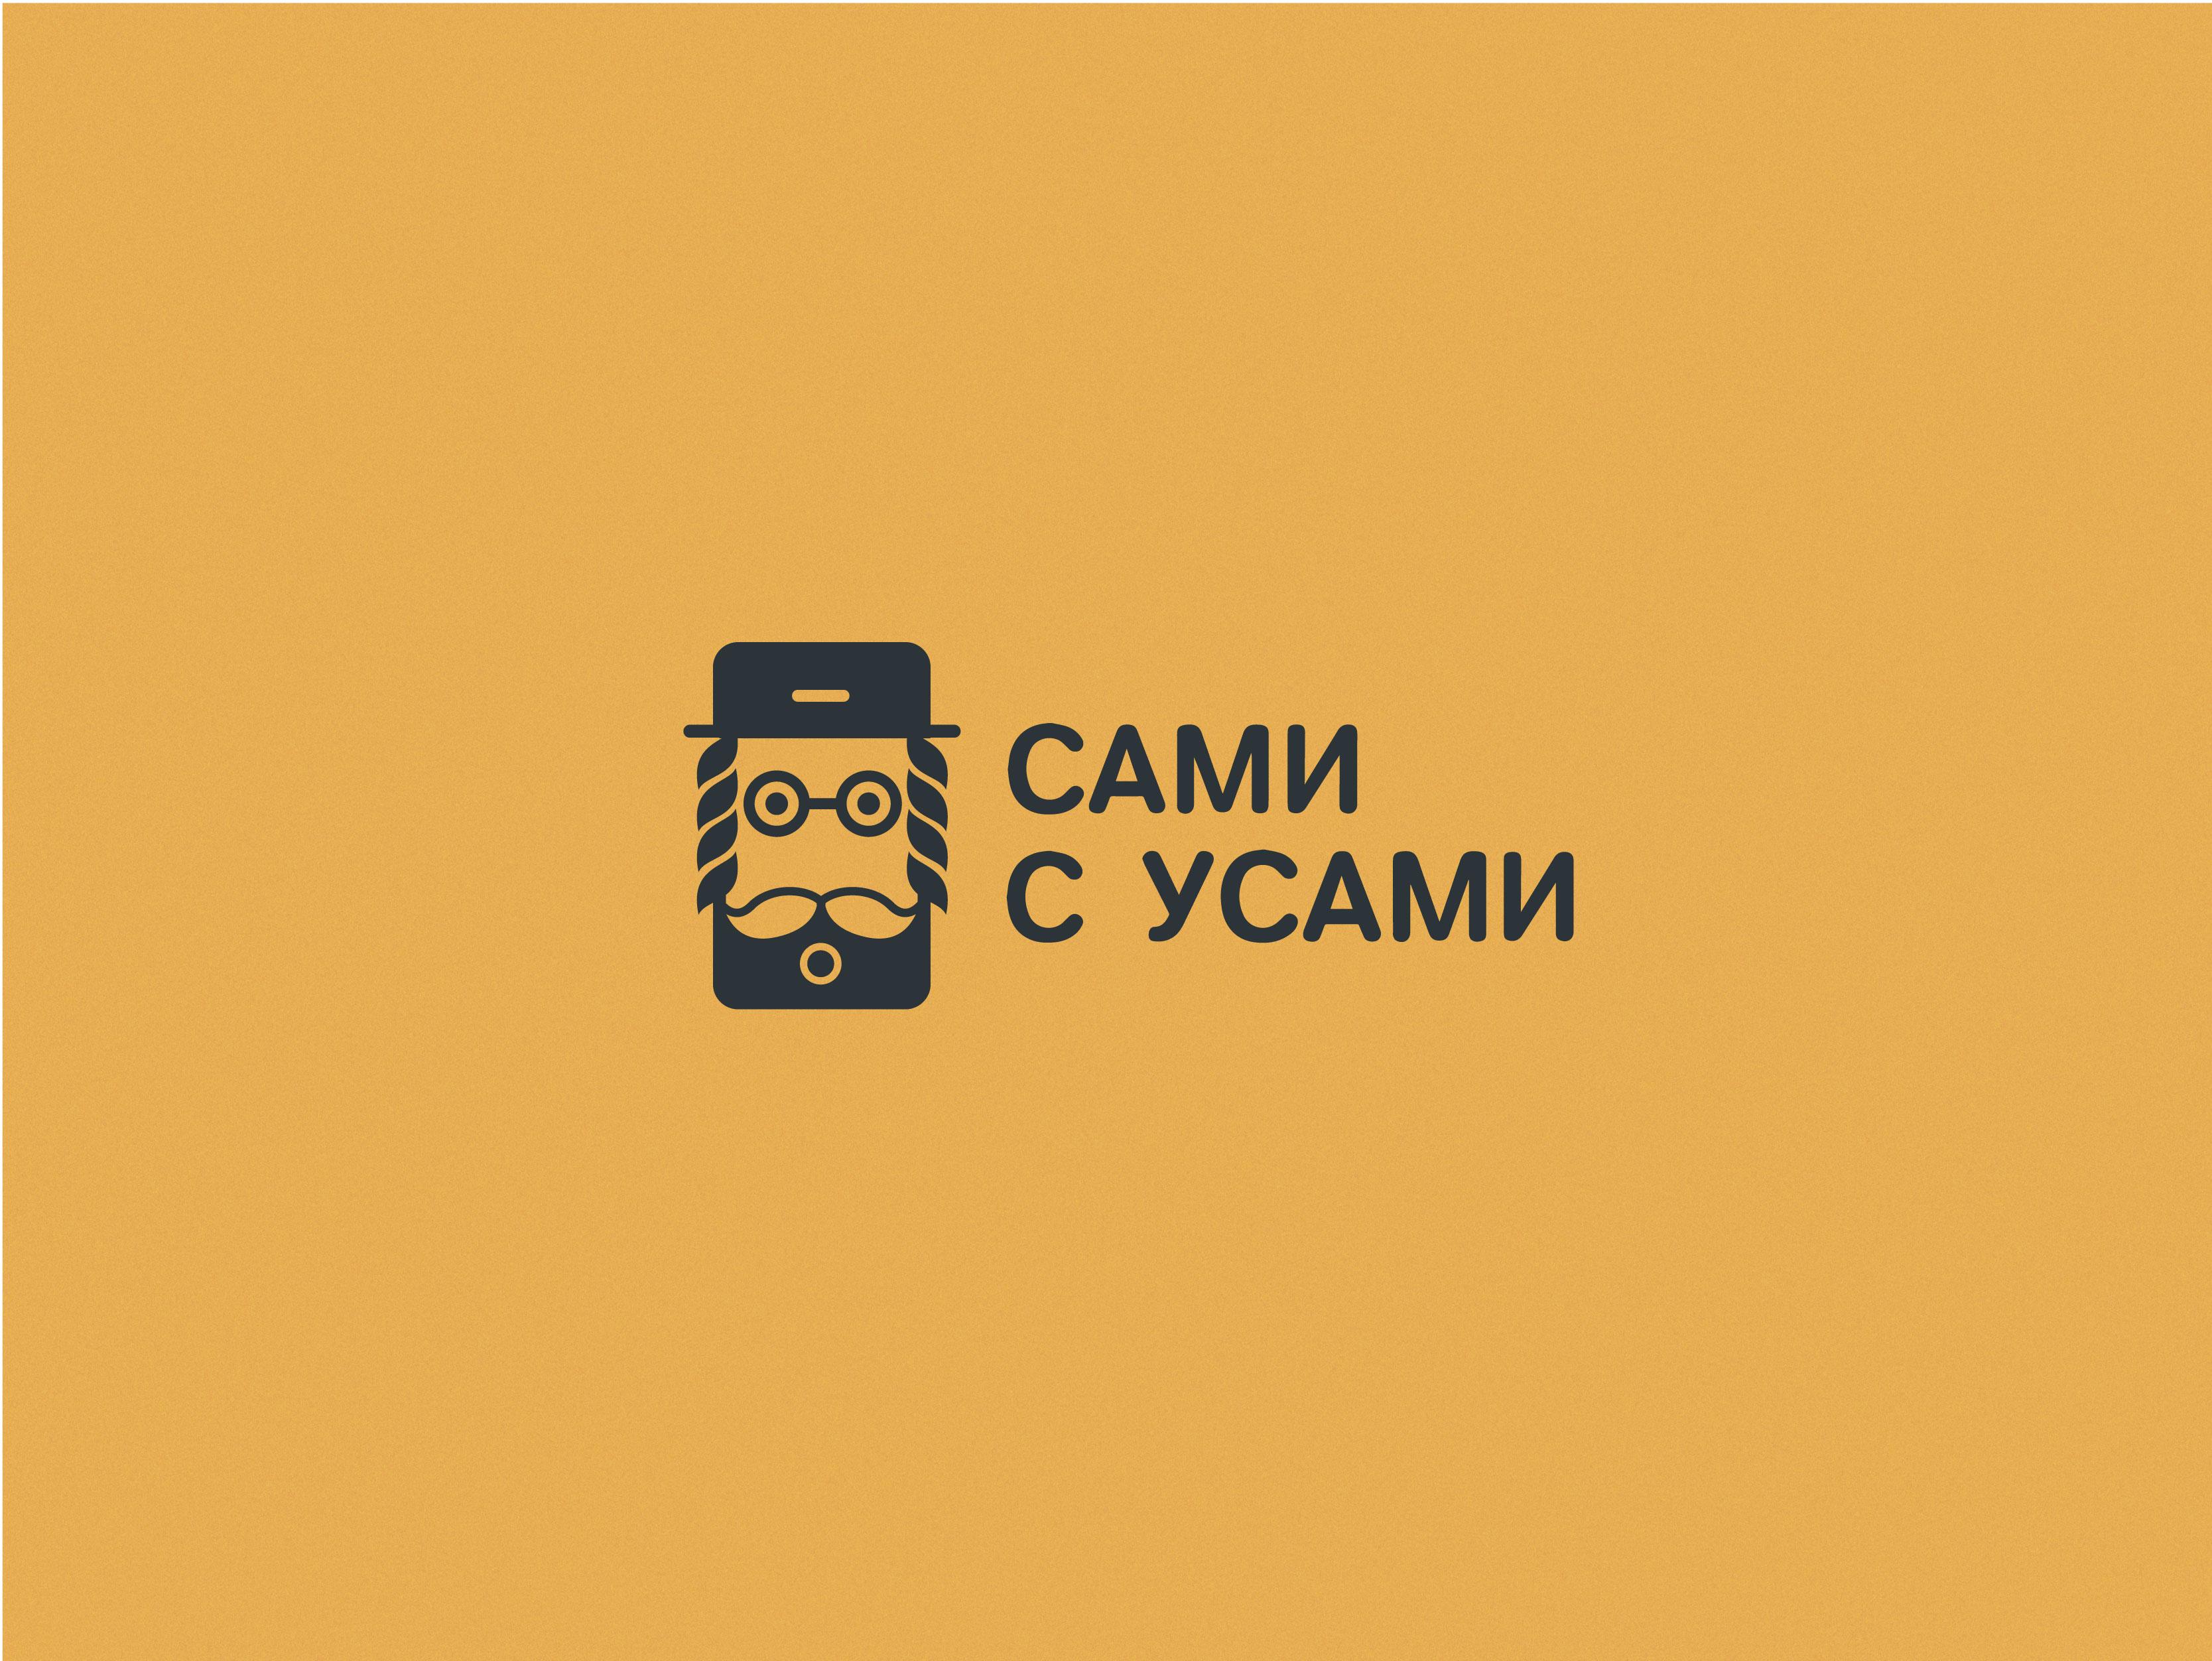 Разработка Логотипа 6 000 руб. фото f_47958f91d2f05e50.jpg